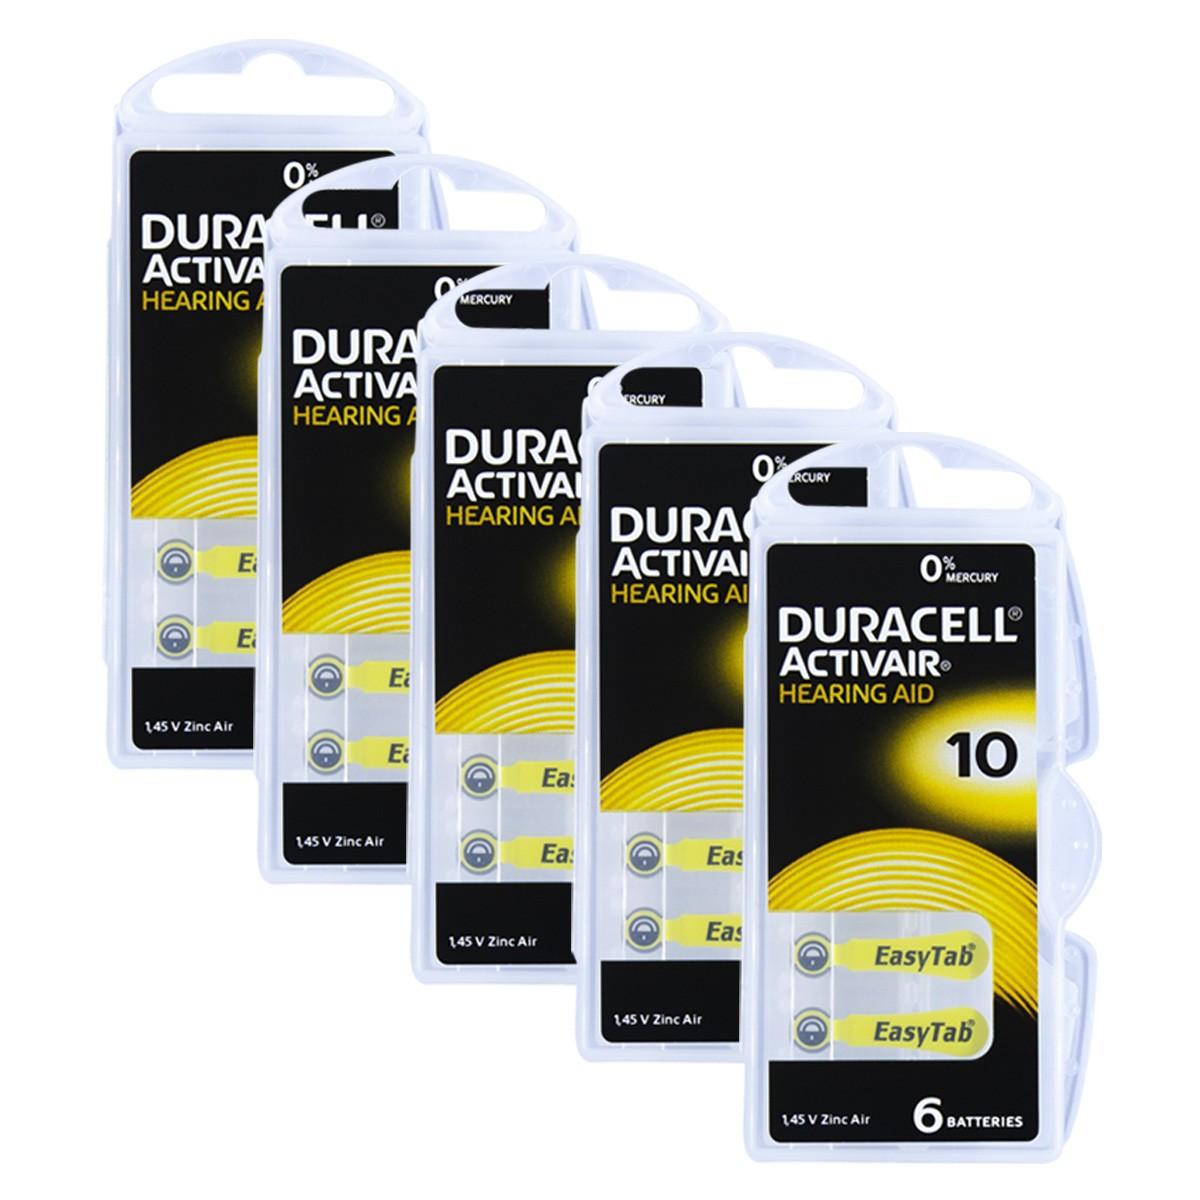 30 Pilhas DA10 DURACELL baterias PR70 Aparelho auditivo